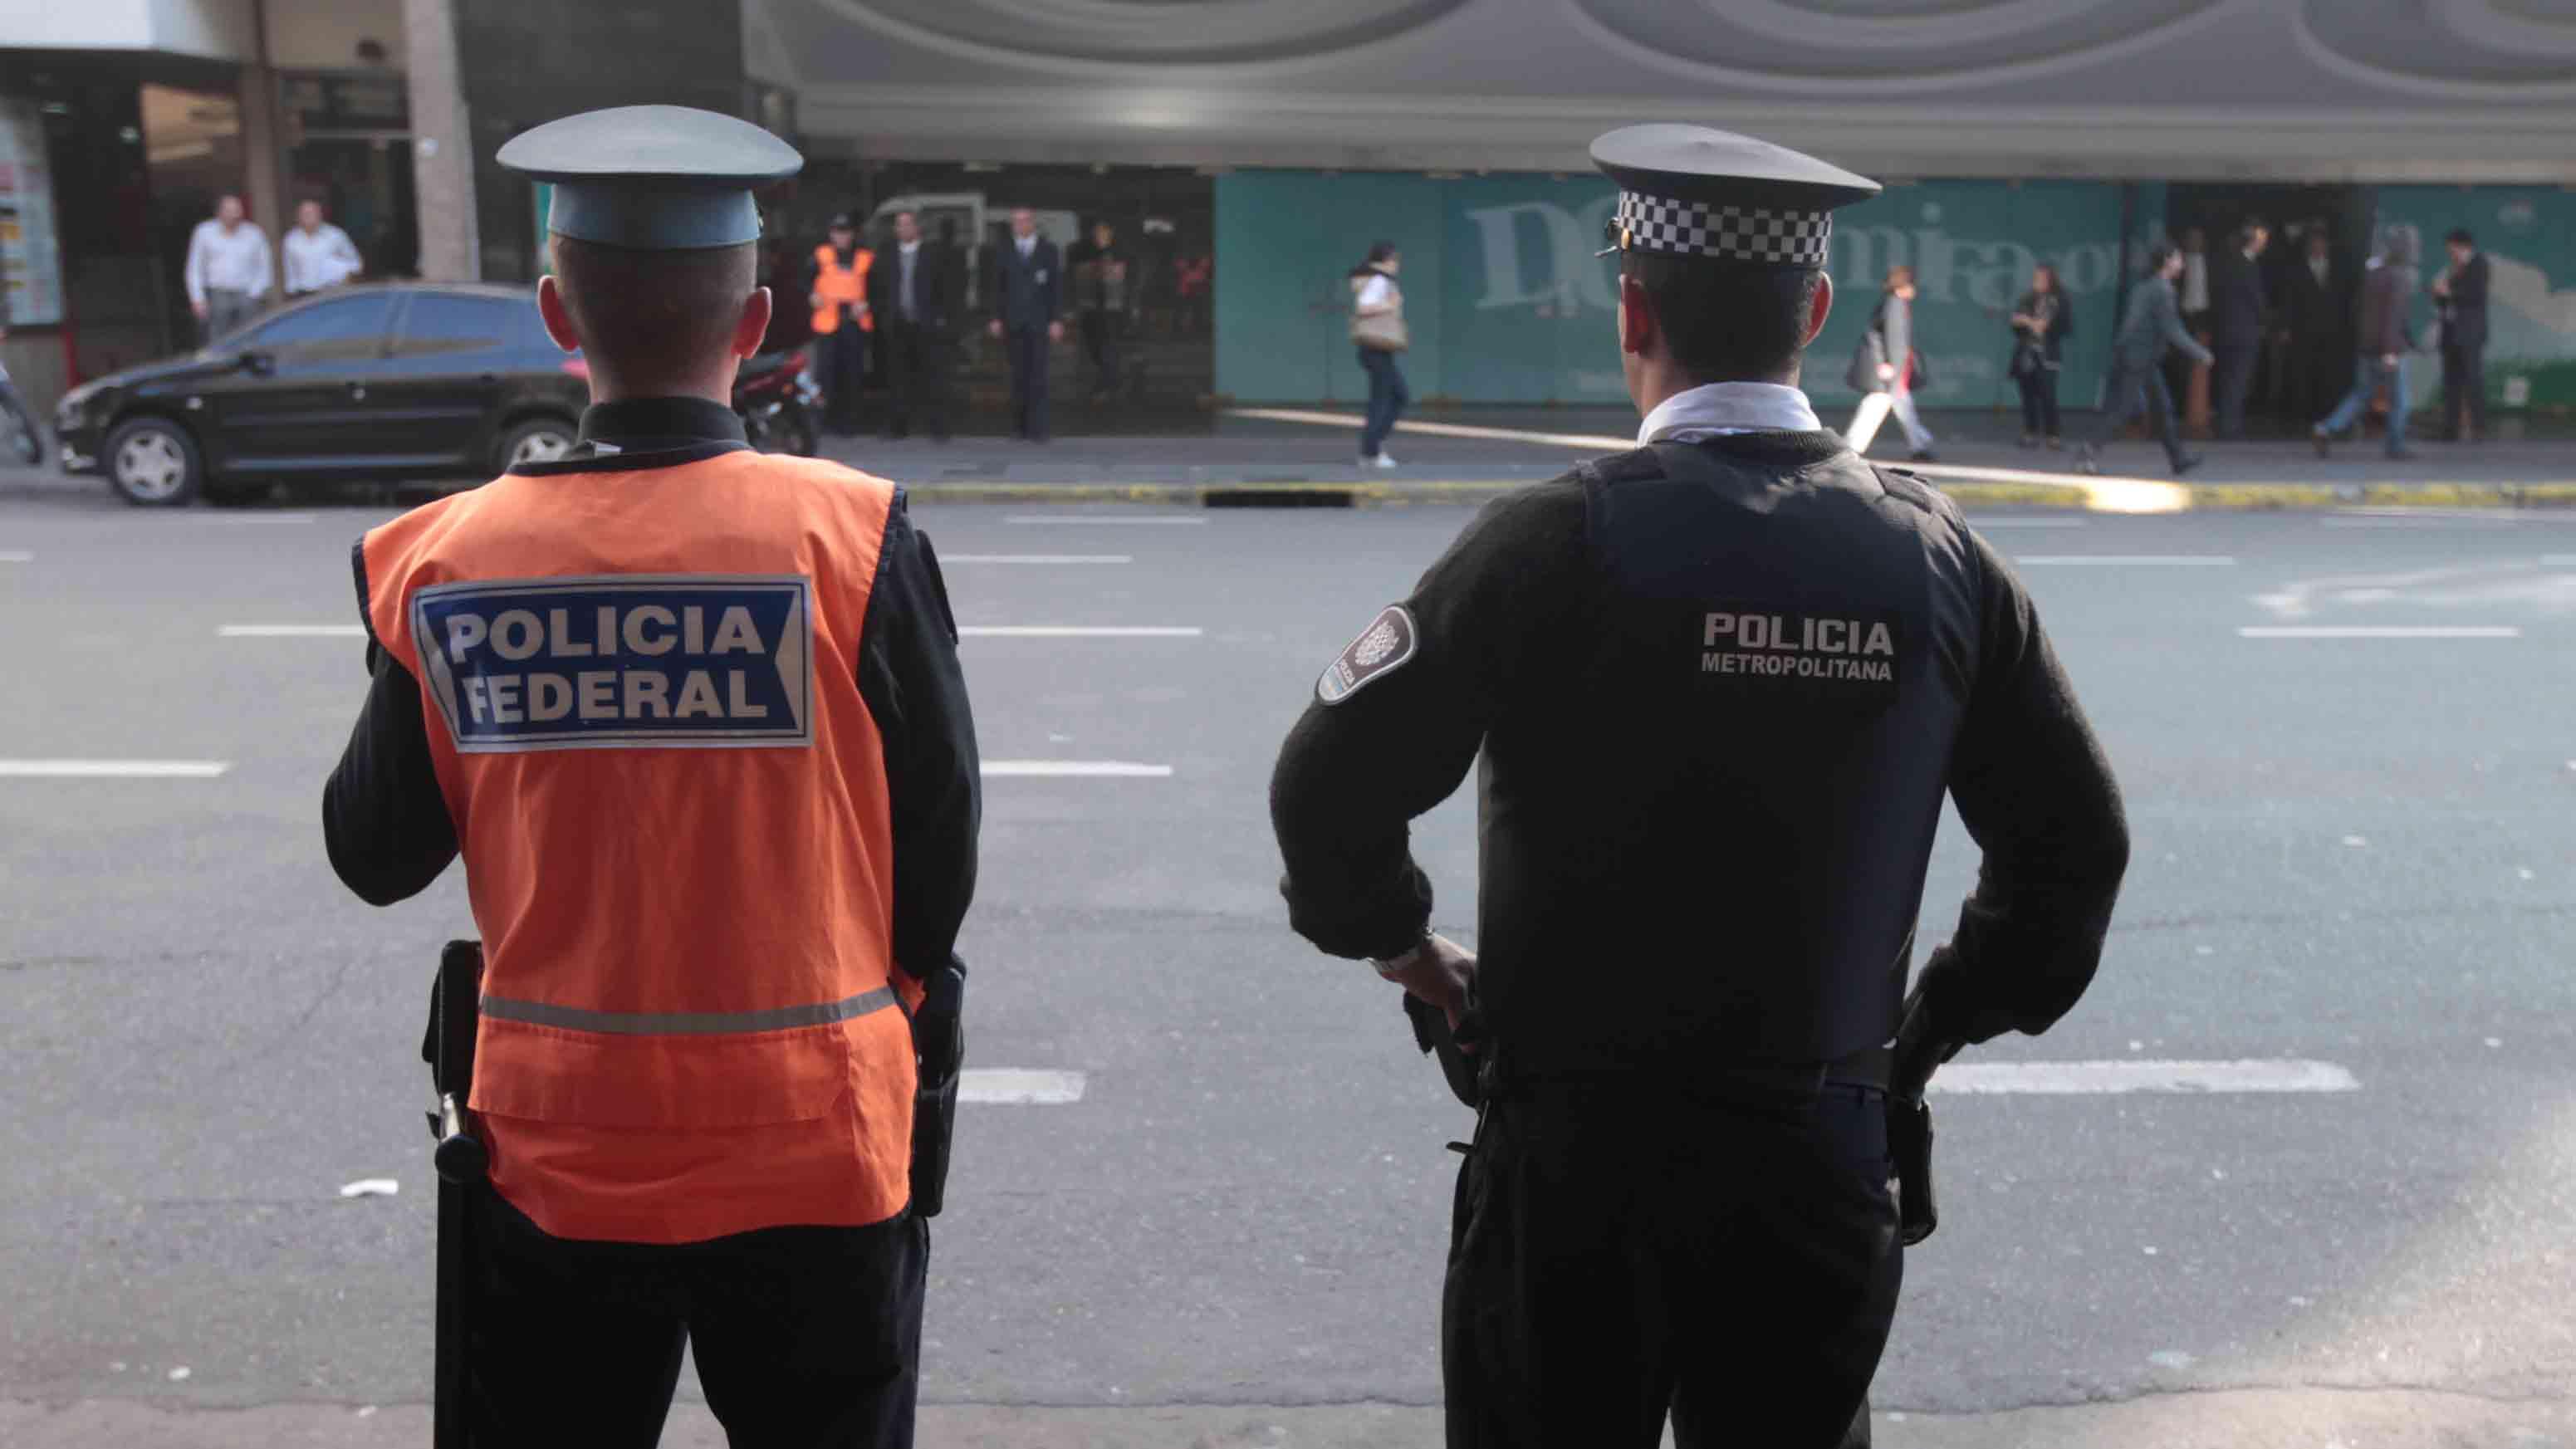 Se aprobó el traspaso de la Federal y habrá un policía cada 142 porteños